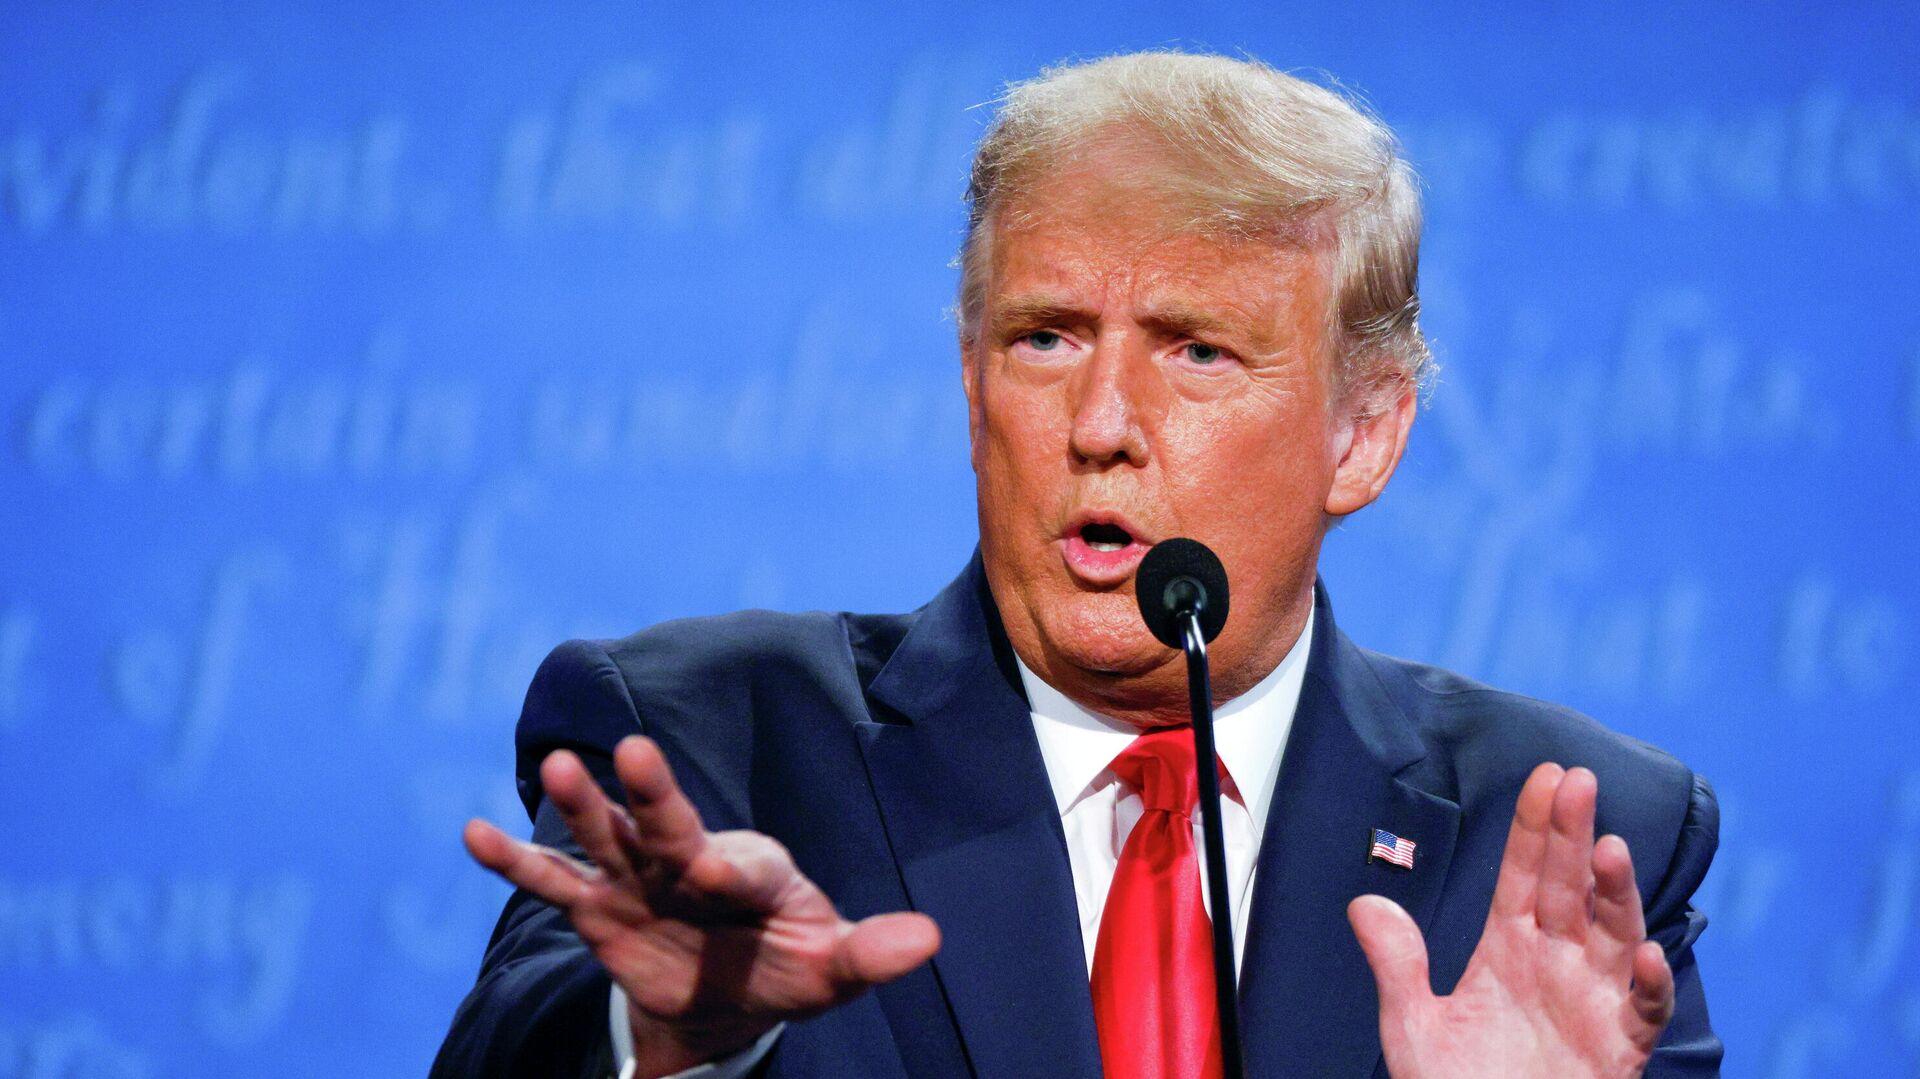 Президент США Дональд Трамп выступает во время финальных дебатов по предвыборной кампании в США 2020 года с кандидатом в президенты от Демократической партии Джо Байденом в университете Бельмонт в Нэшвилле - РИА Новости, 1920, 01.11.2020